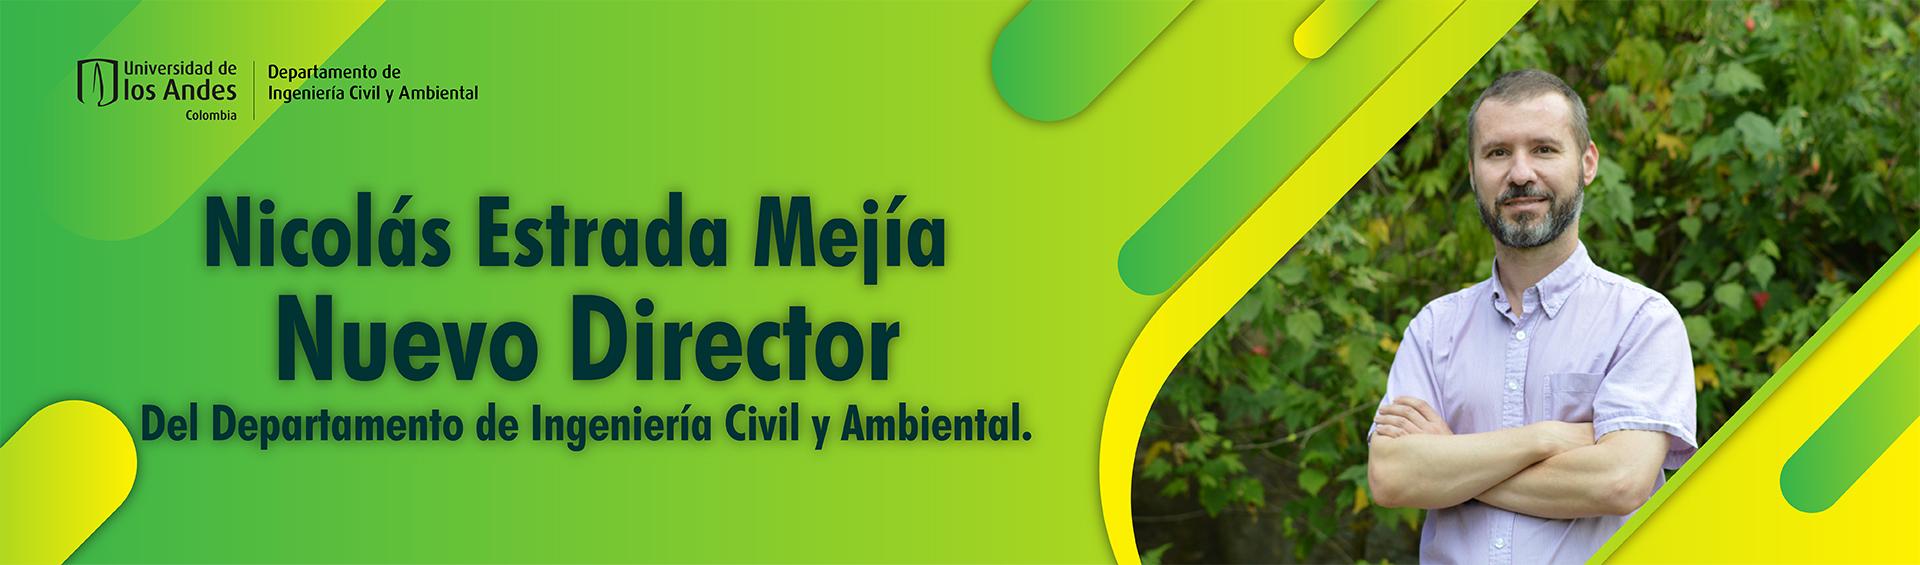 Nicolás Estrada nuevo director del Departamento